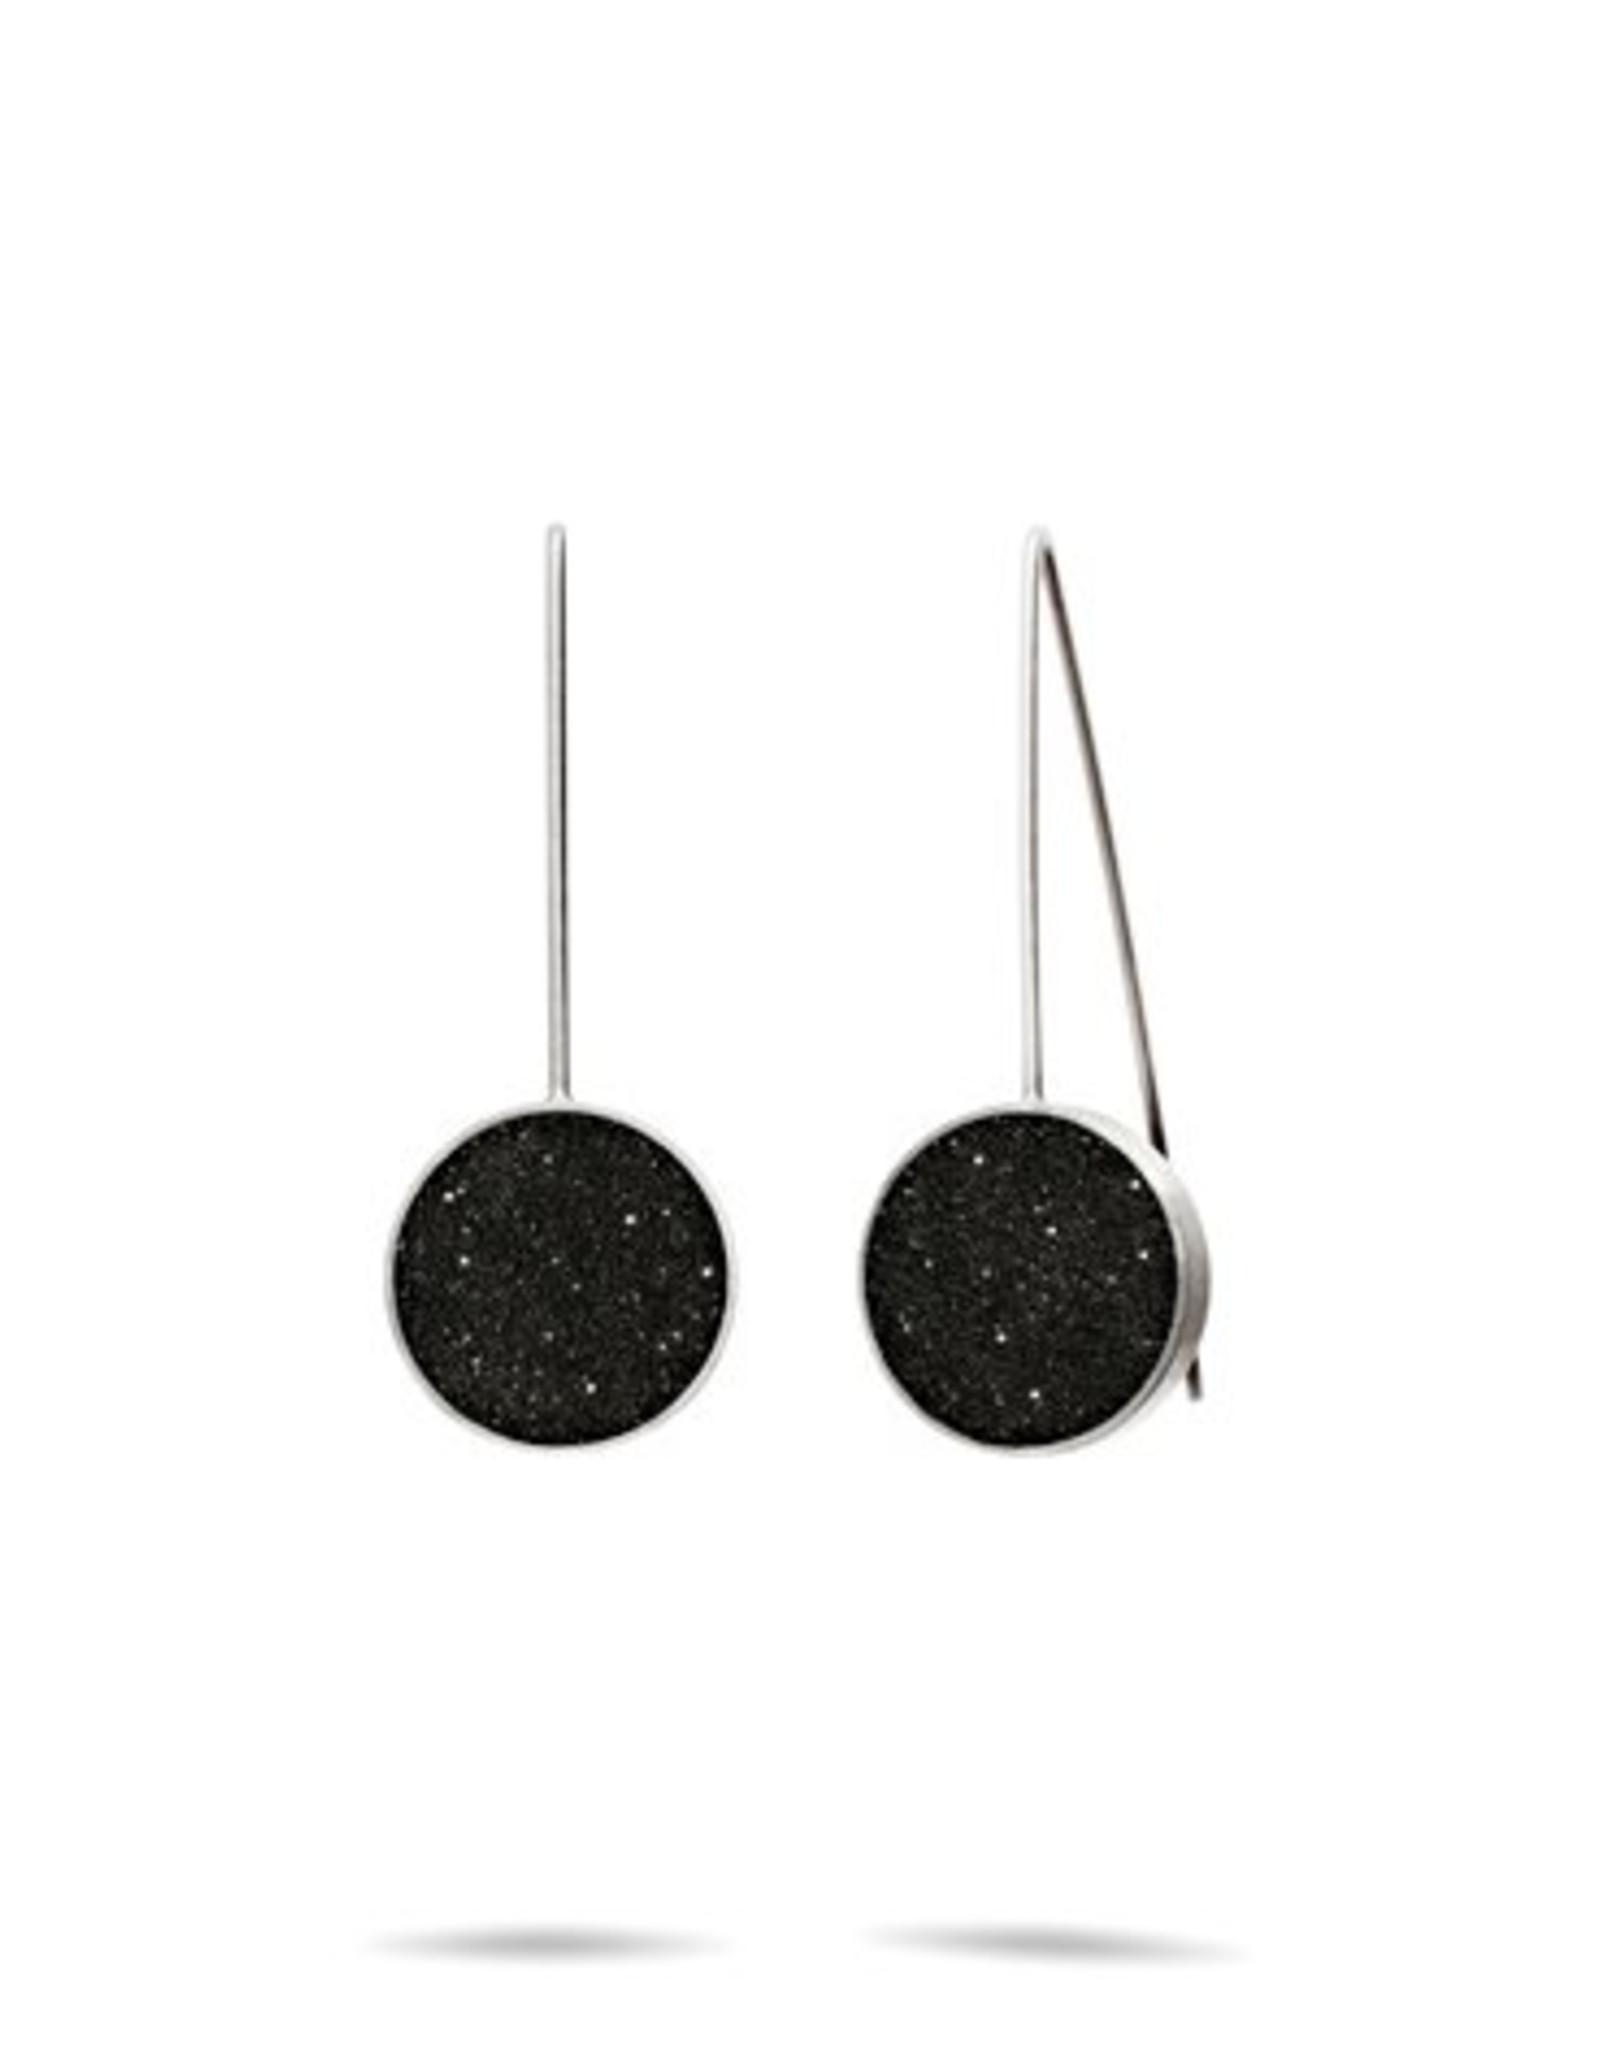 Konzuk Musica Minor Earrings